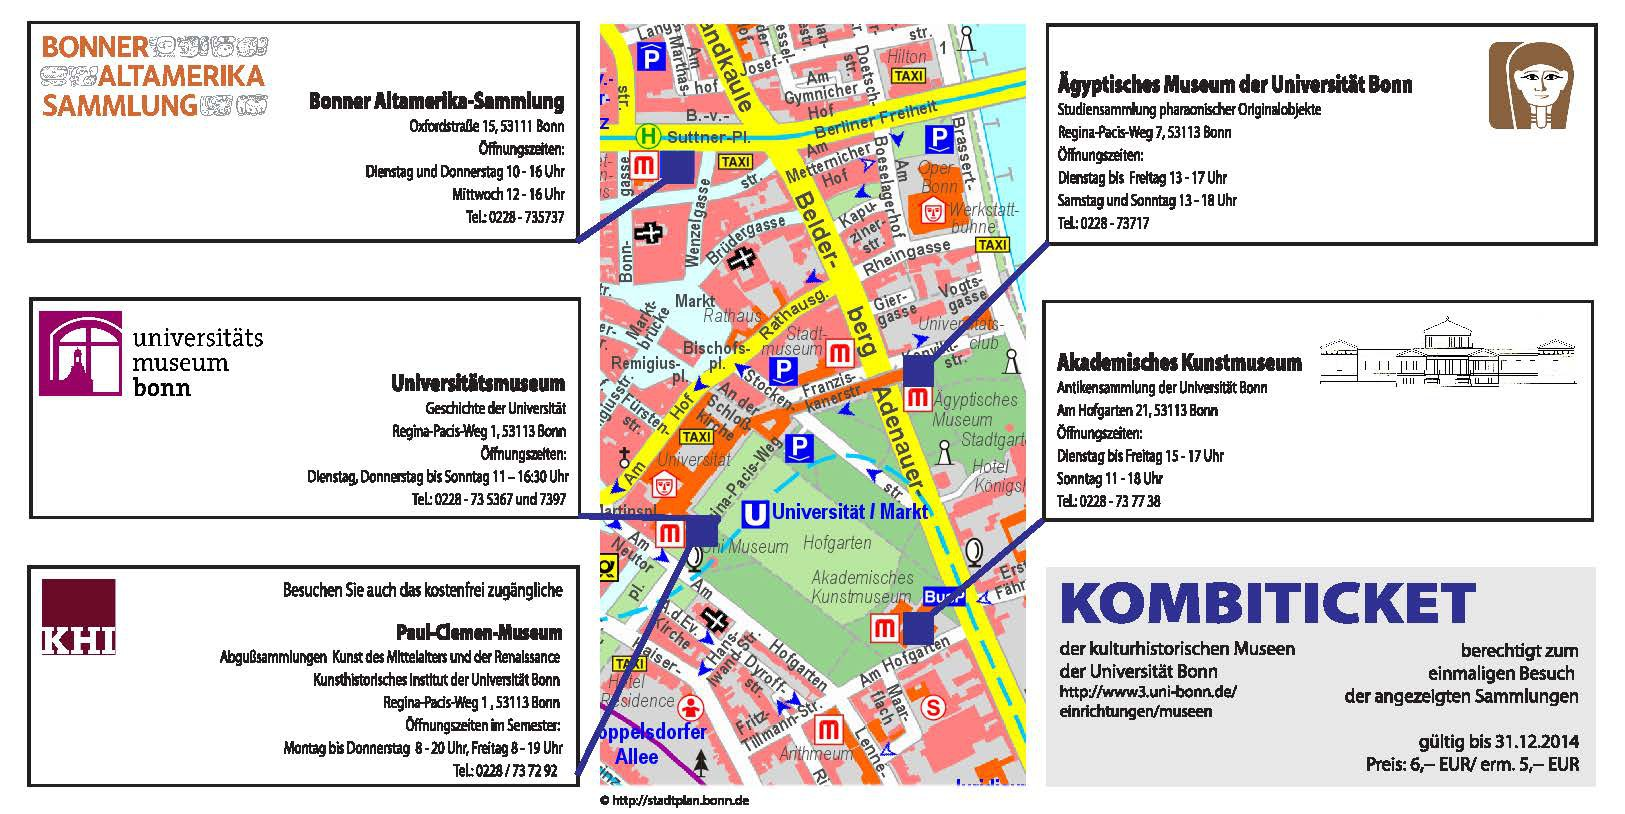 Die Rückseite des Kombi-Tickets